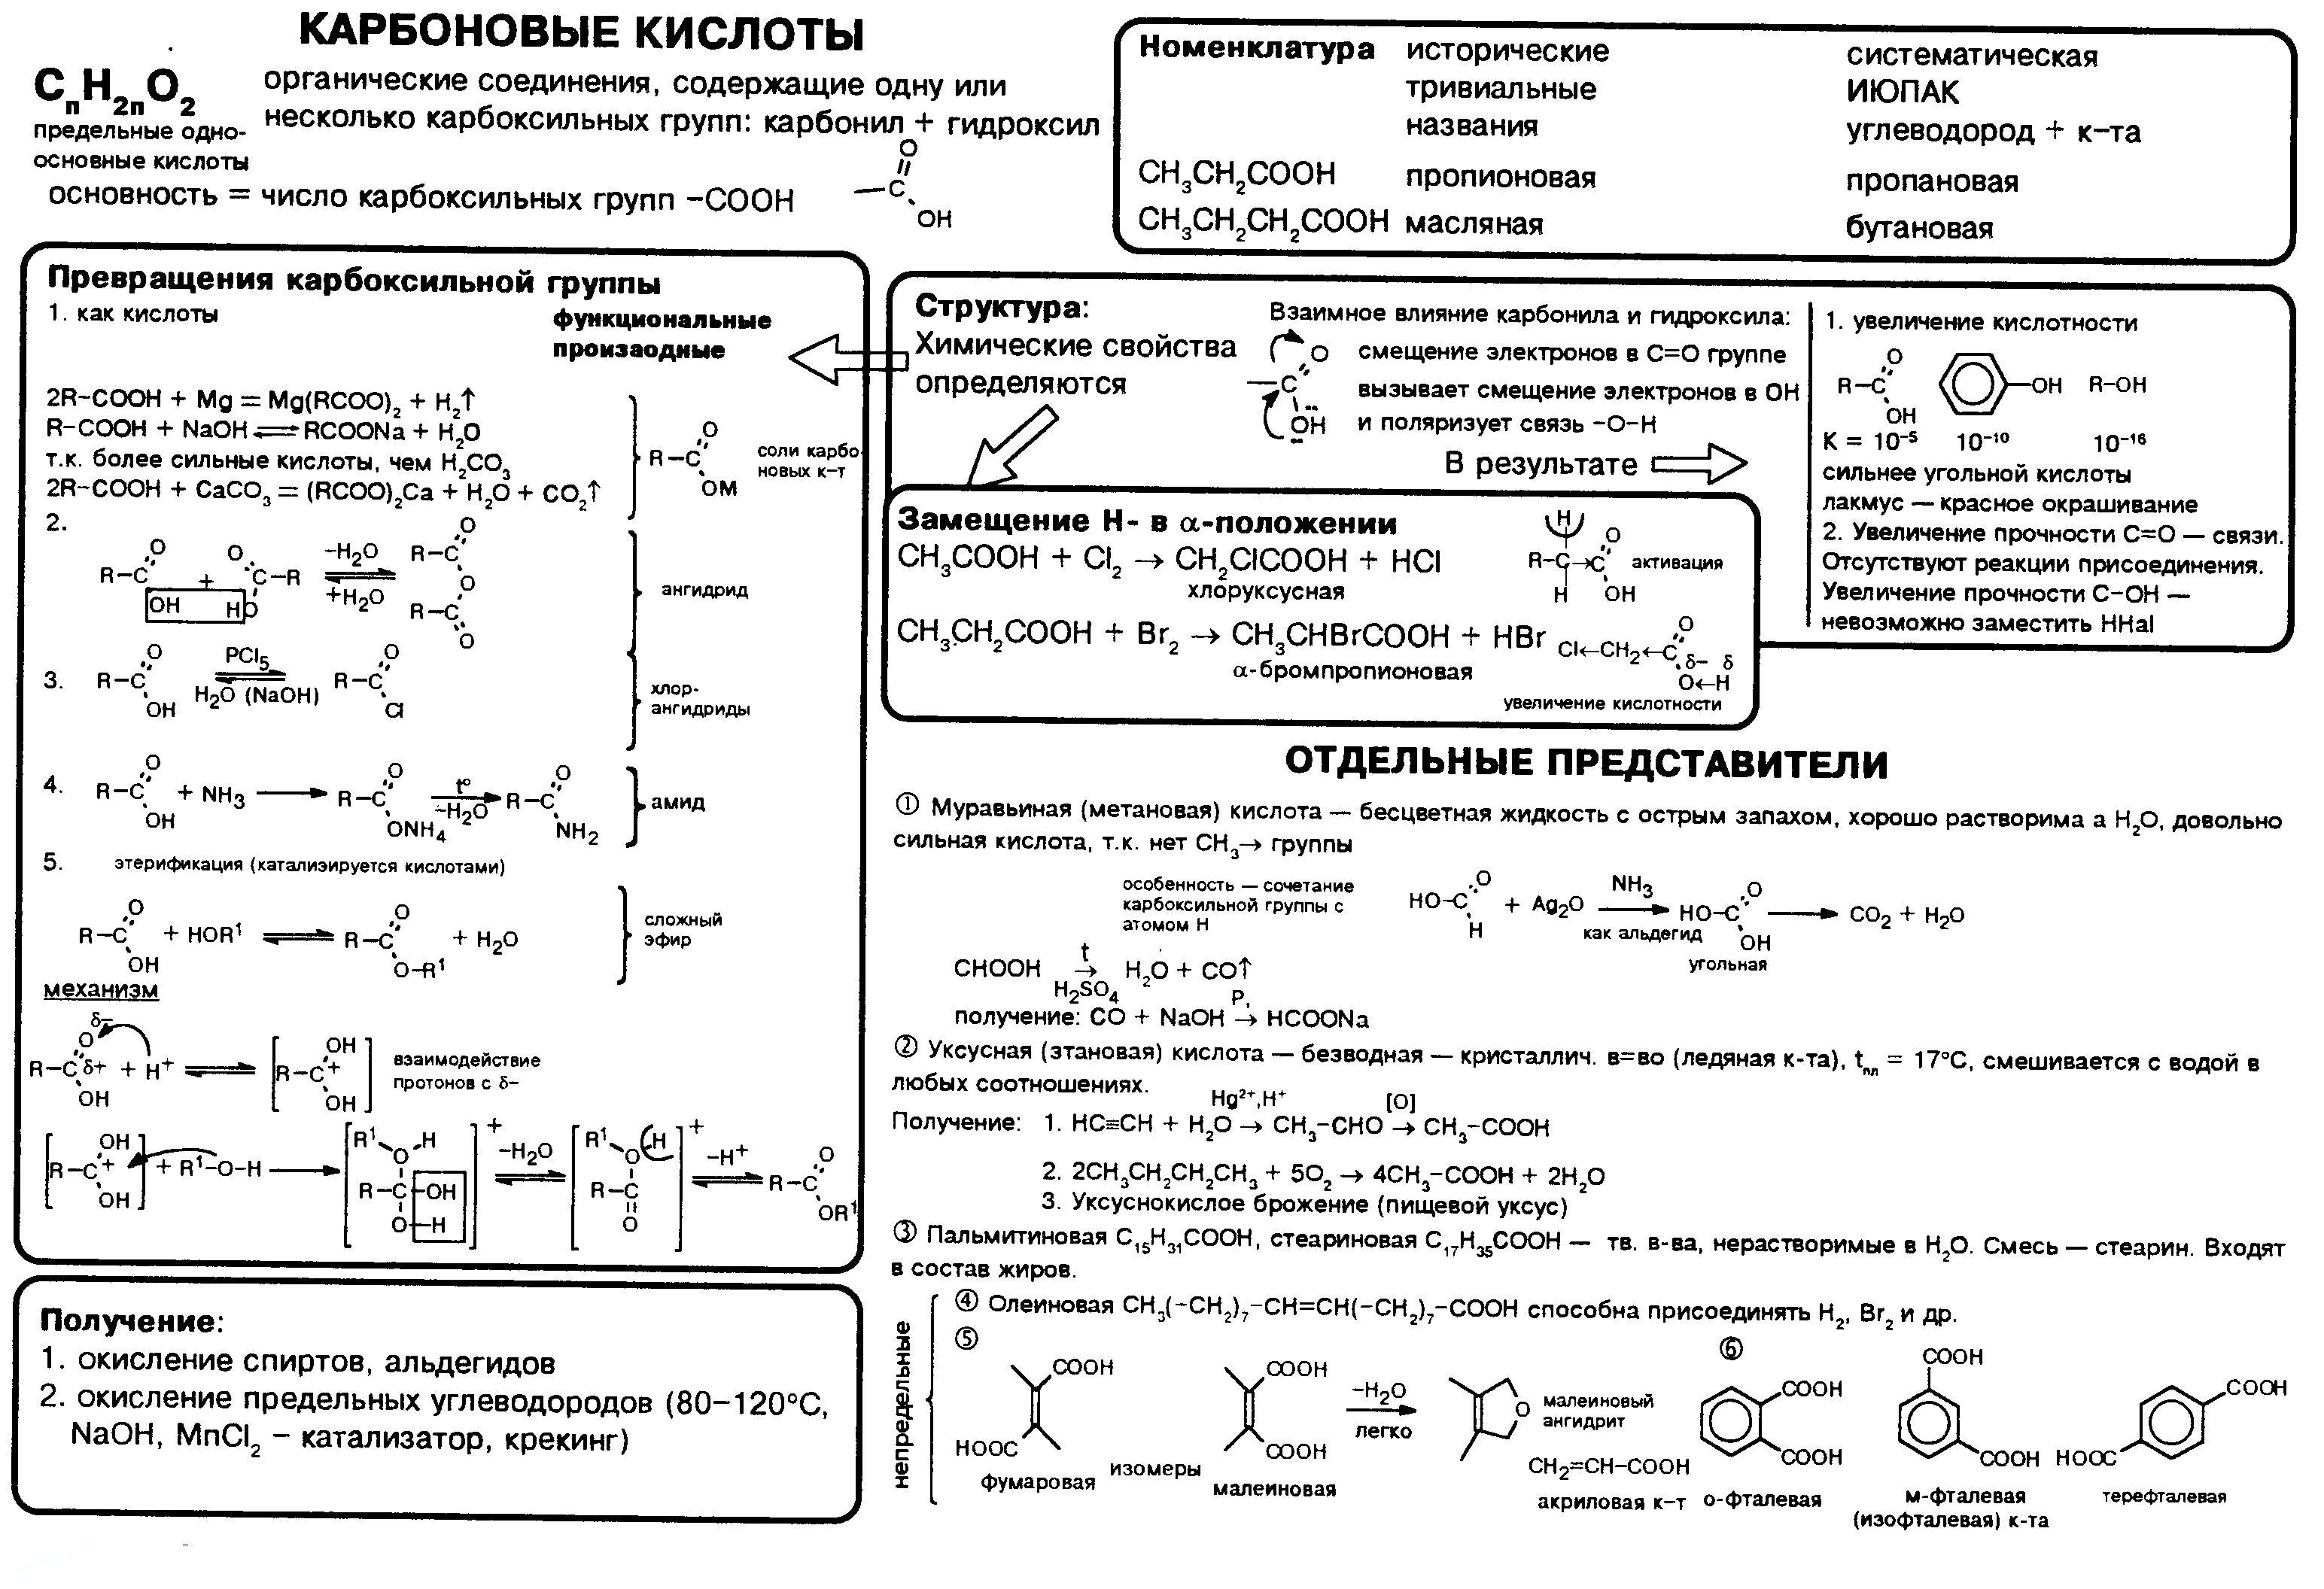 karbonovye-kisloty-nomenklatura-poluchenie-svojstva